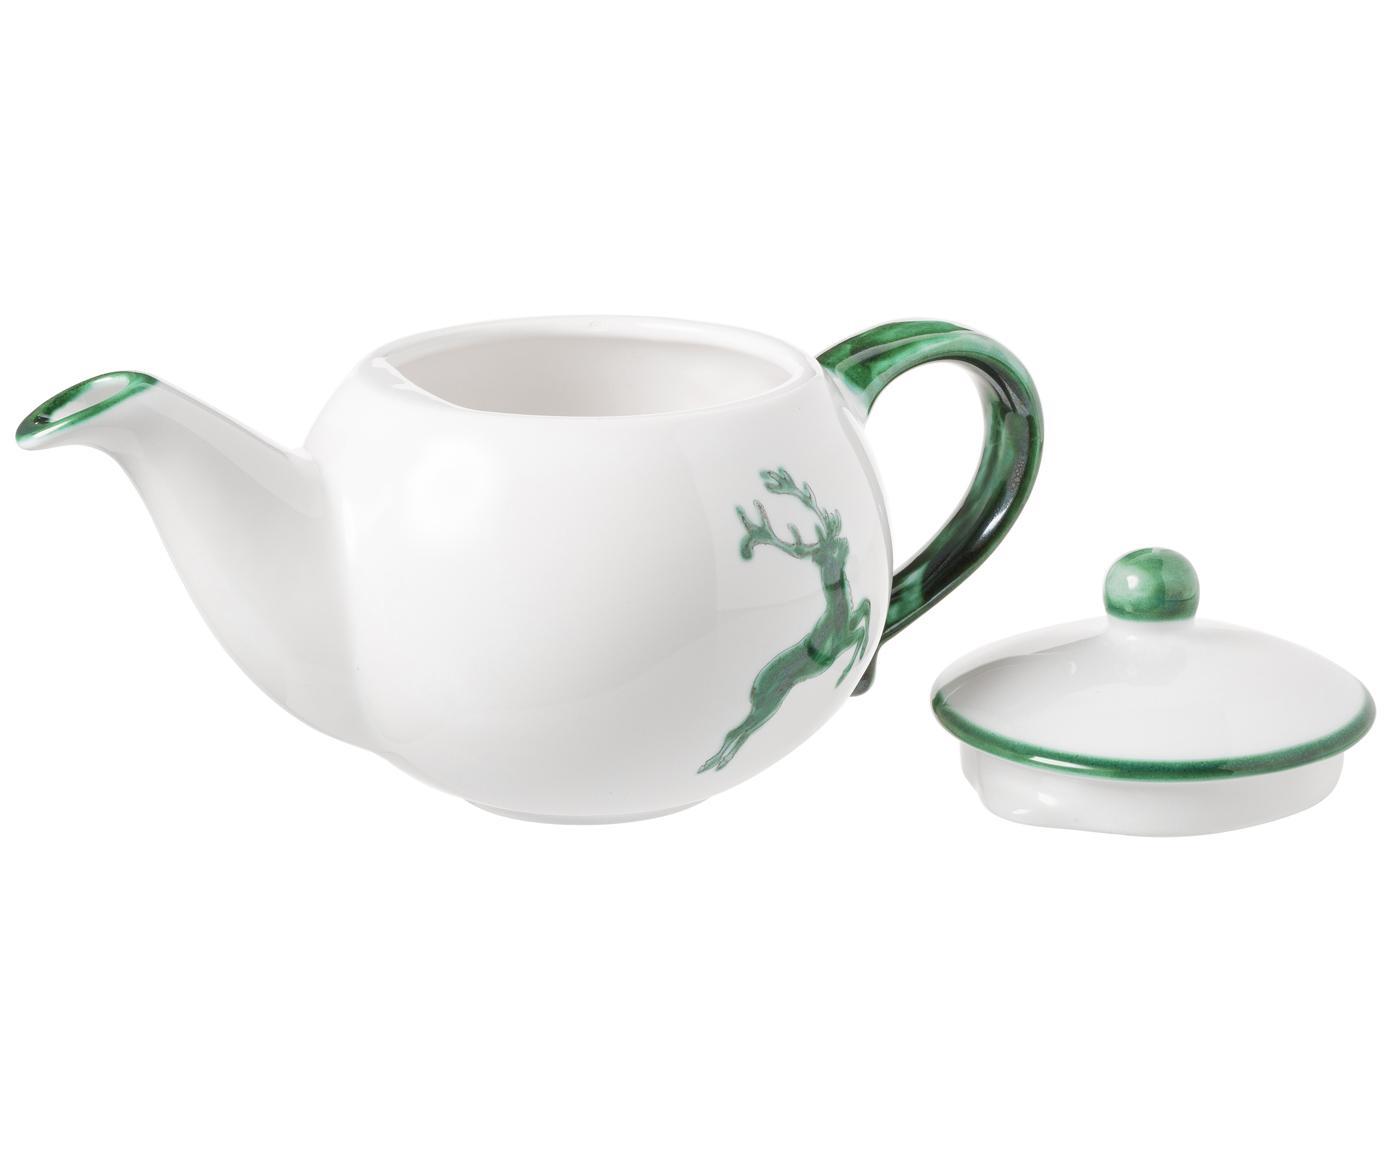 Czajnik Classic Grüner Hirsch, Ceramika, Zielony, biały, 500 ml